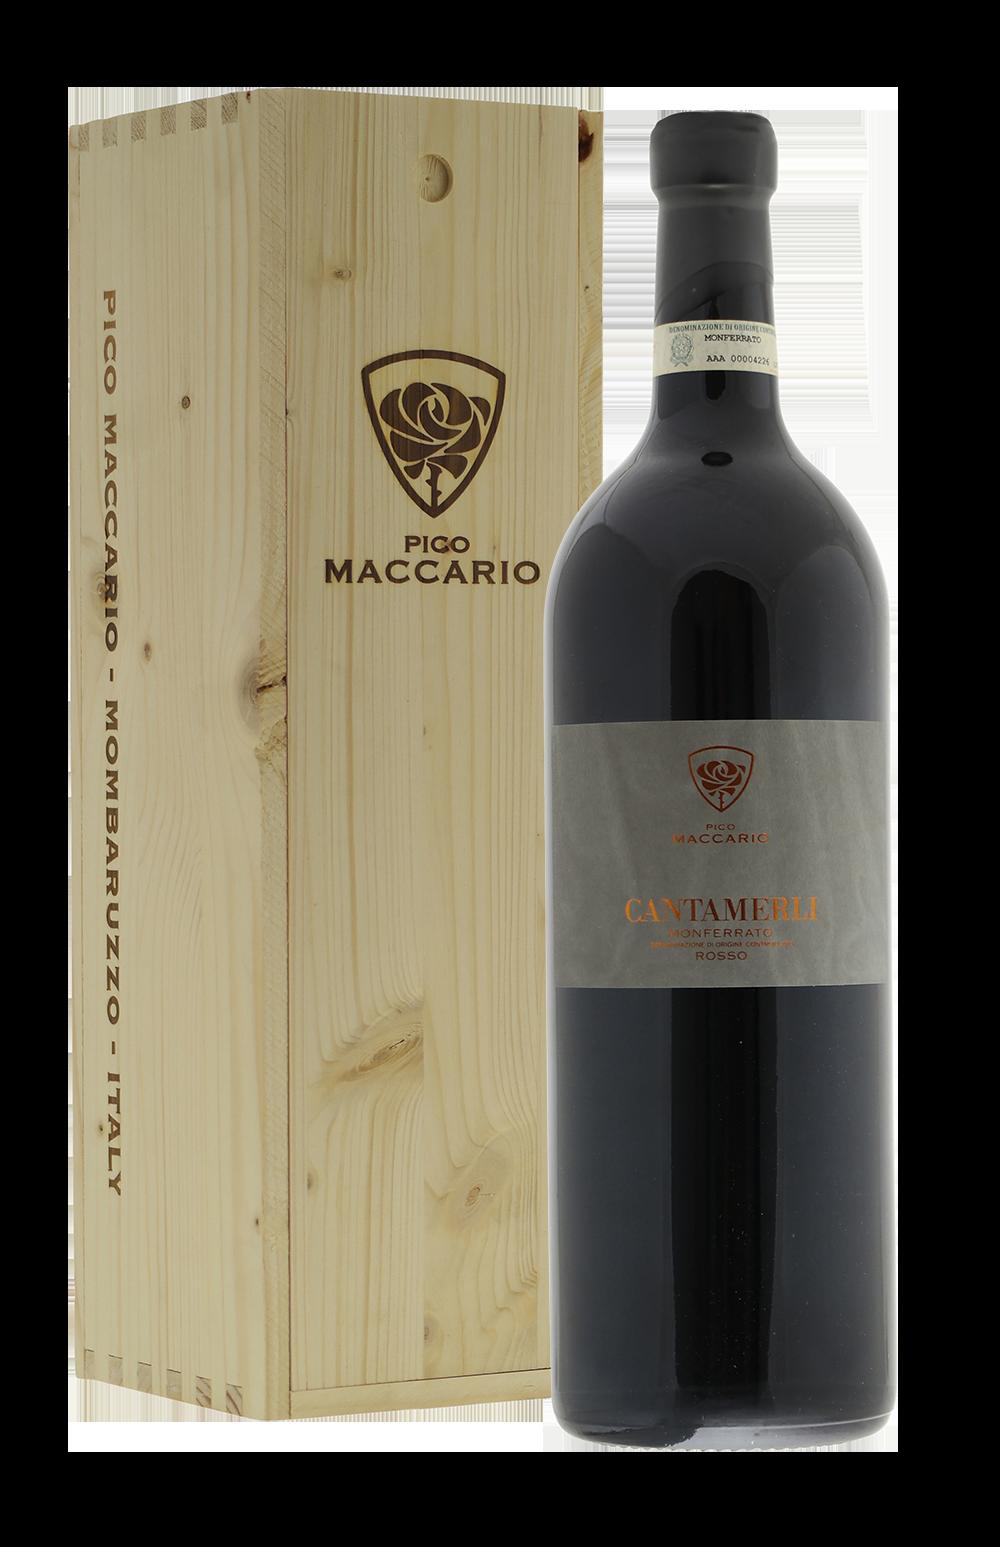 Pico Maccario Cantamerli jeroboam (3 L) – 21%